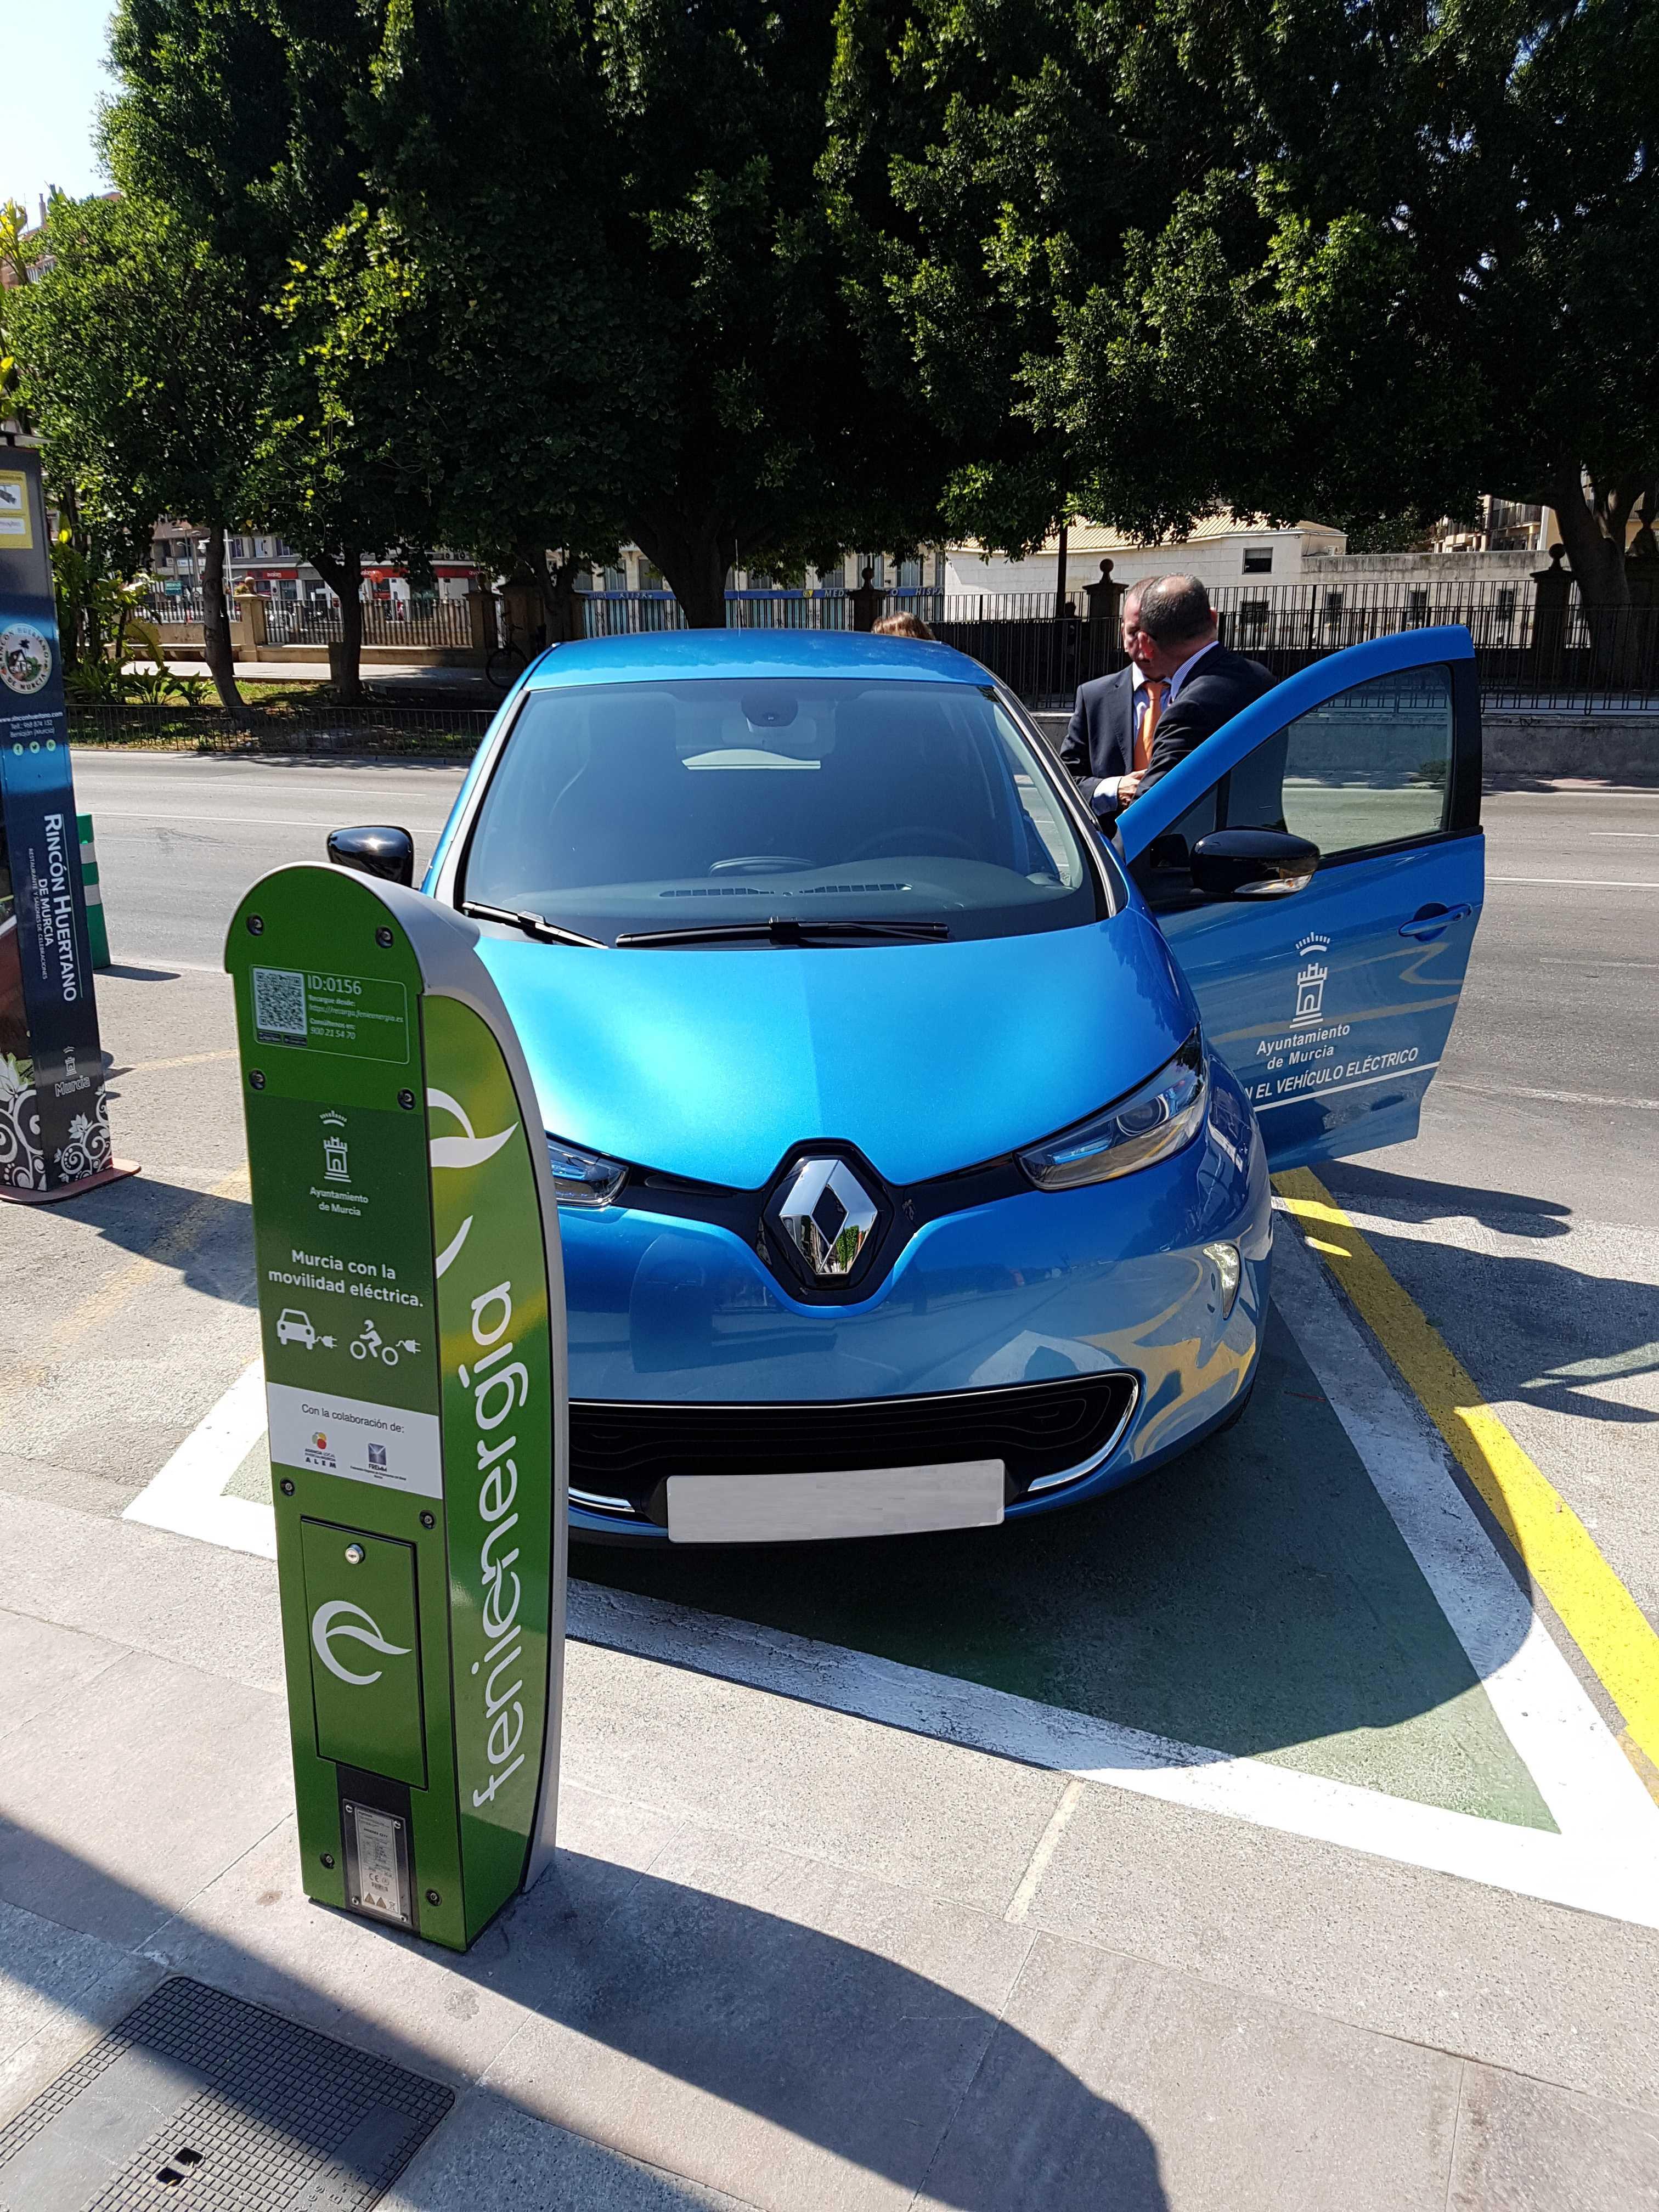 Los vehículos eléctricos tendrán acceso gratuito a 3.000 plazas de aparcamiento de la ciudad